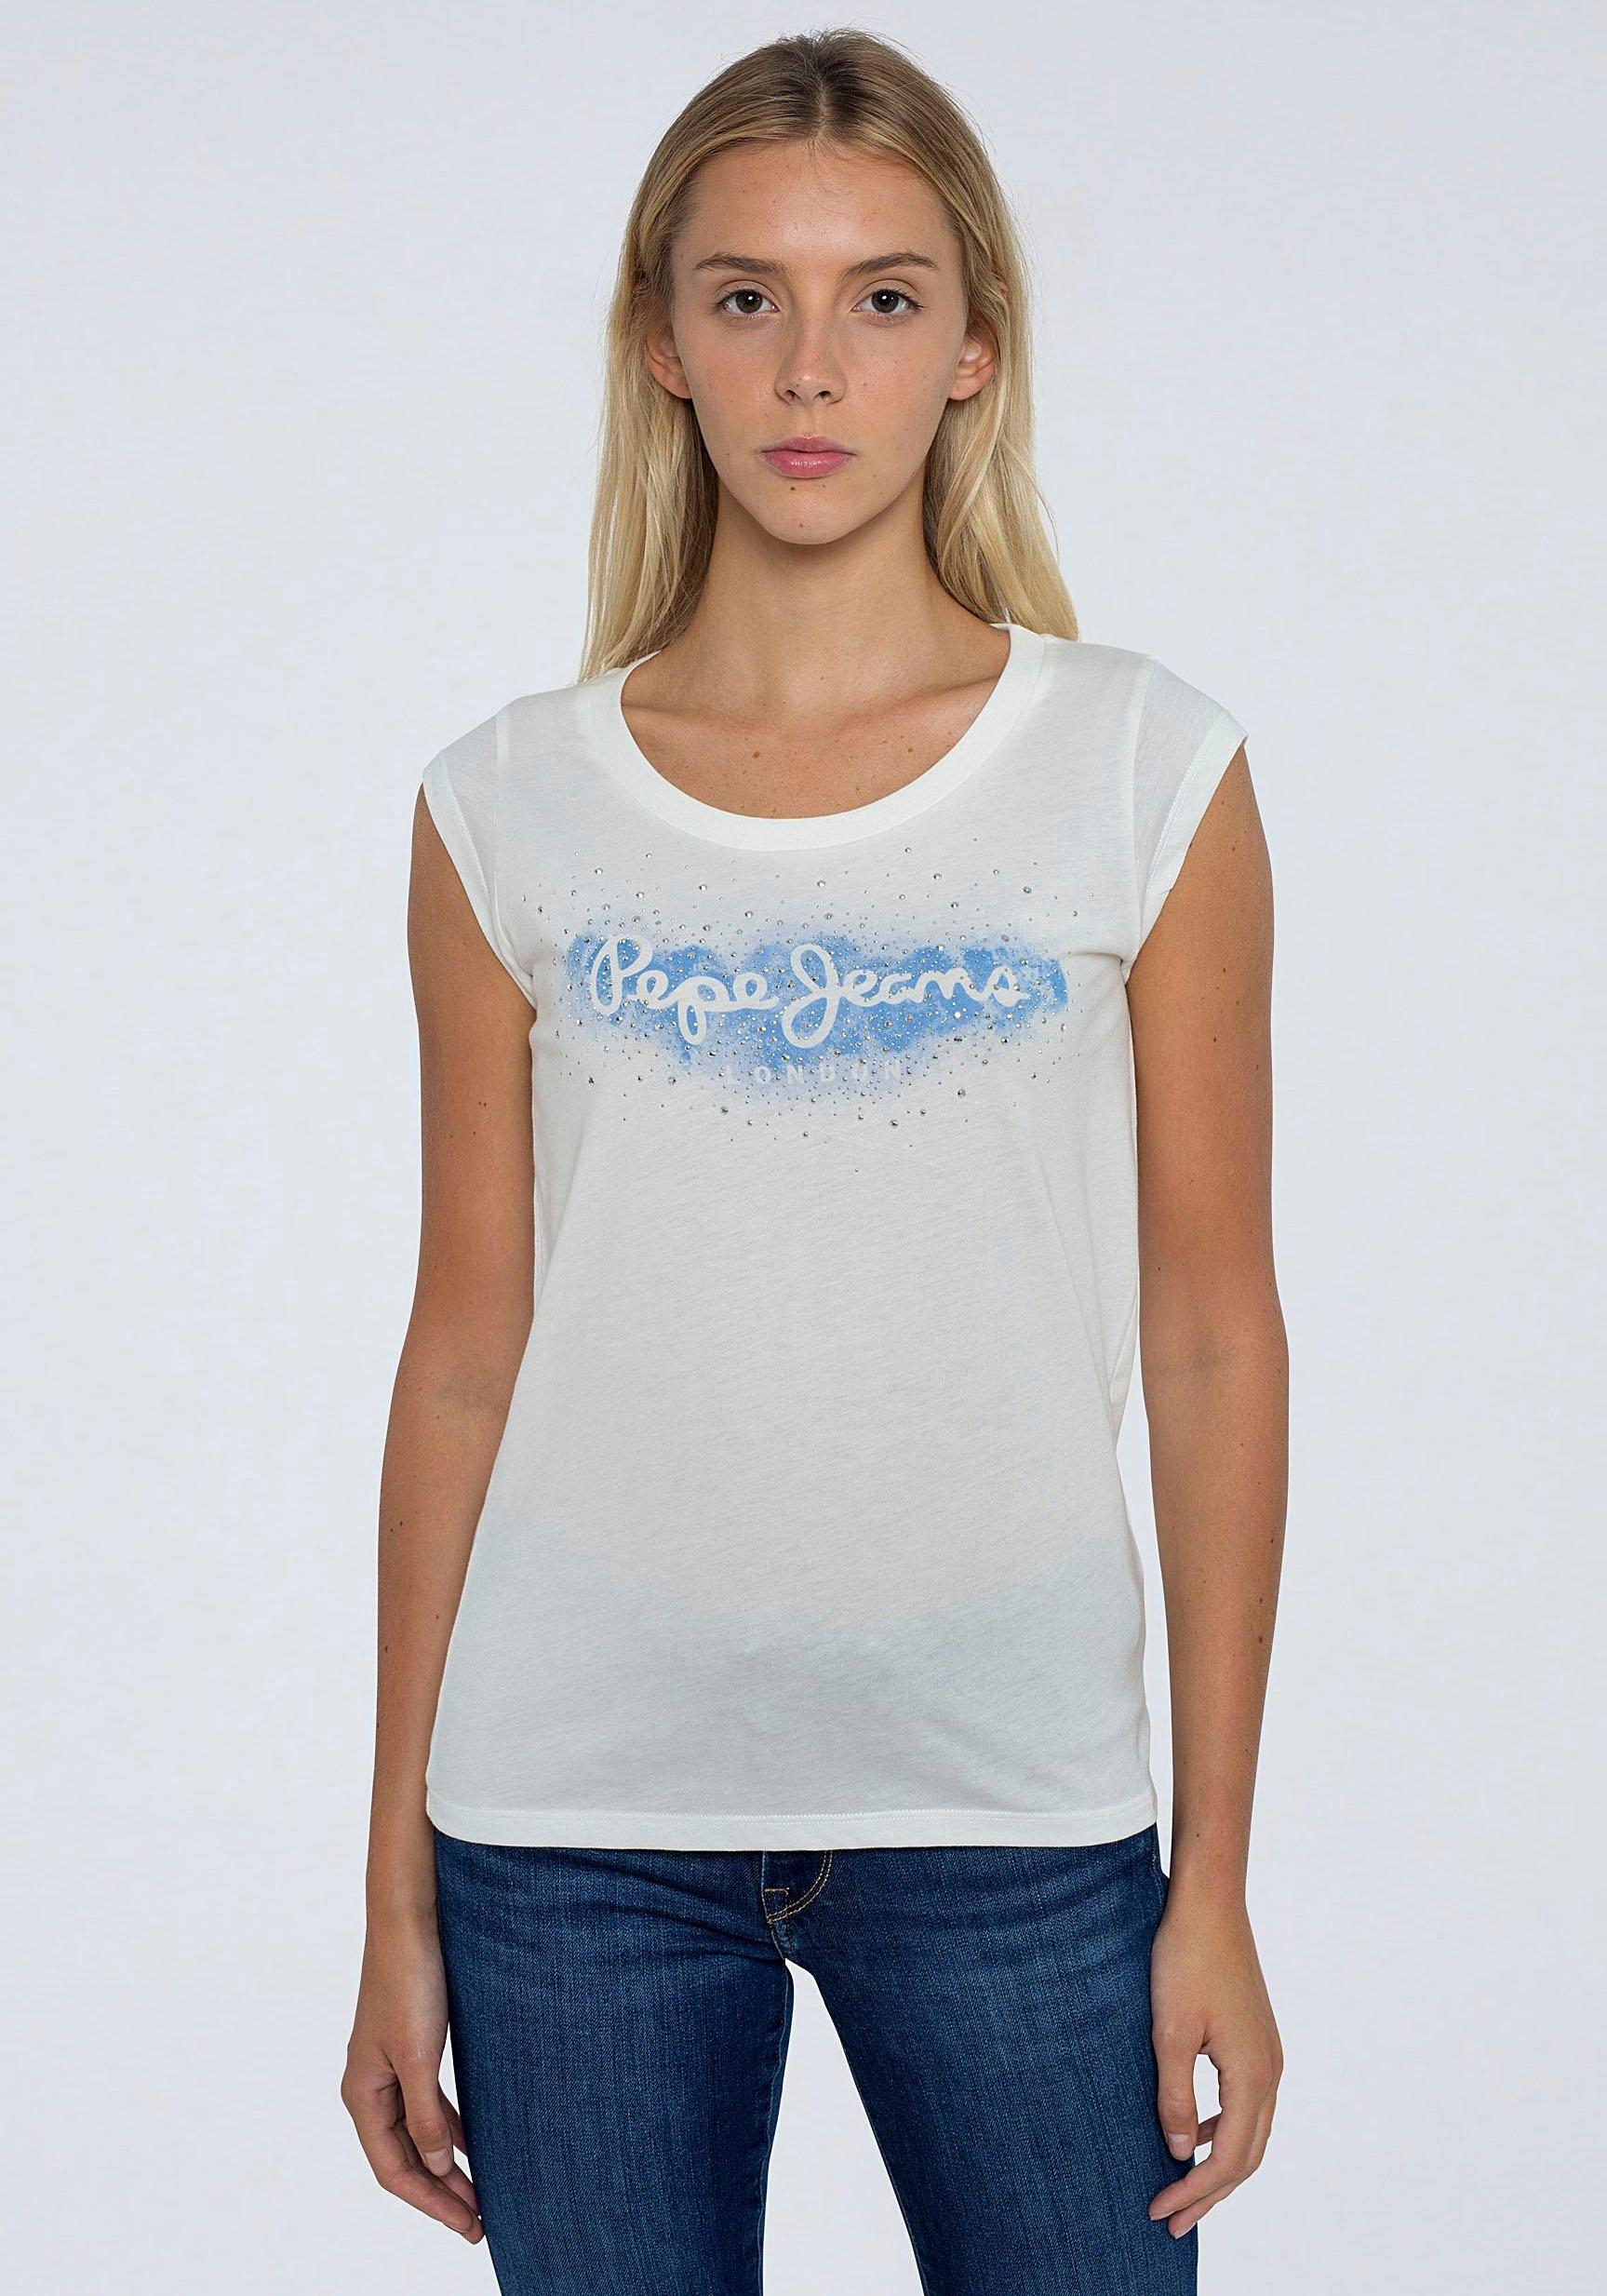 Pepe Jeans Shirt met korte mouwen CAMILA met grote ronde frontprint met logo en glinstersteentjes bestellen: 30 dagen bedenktijd